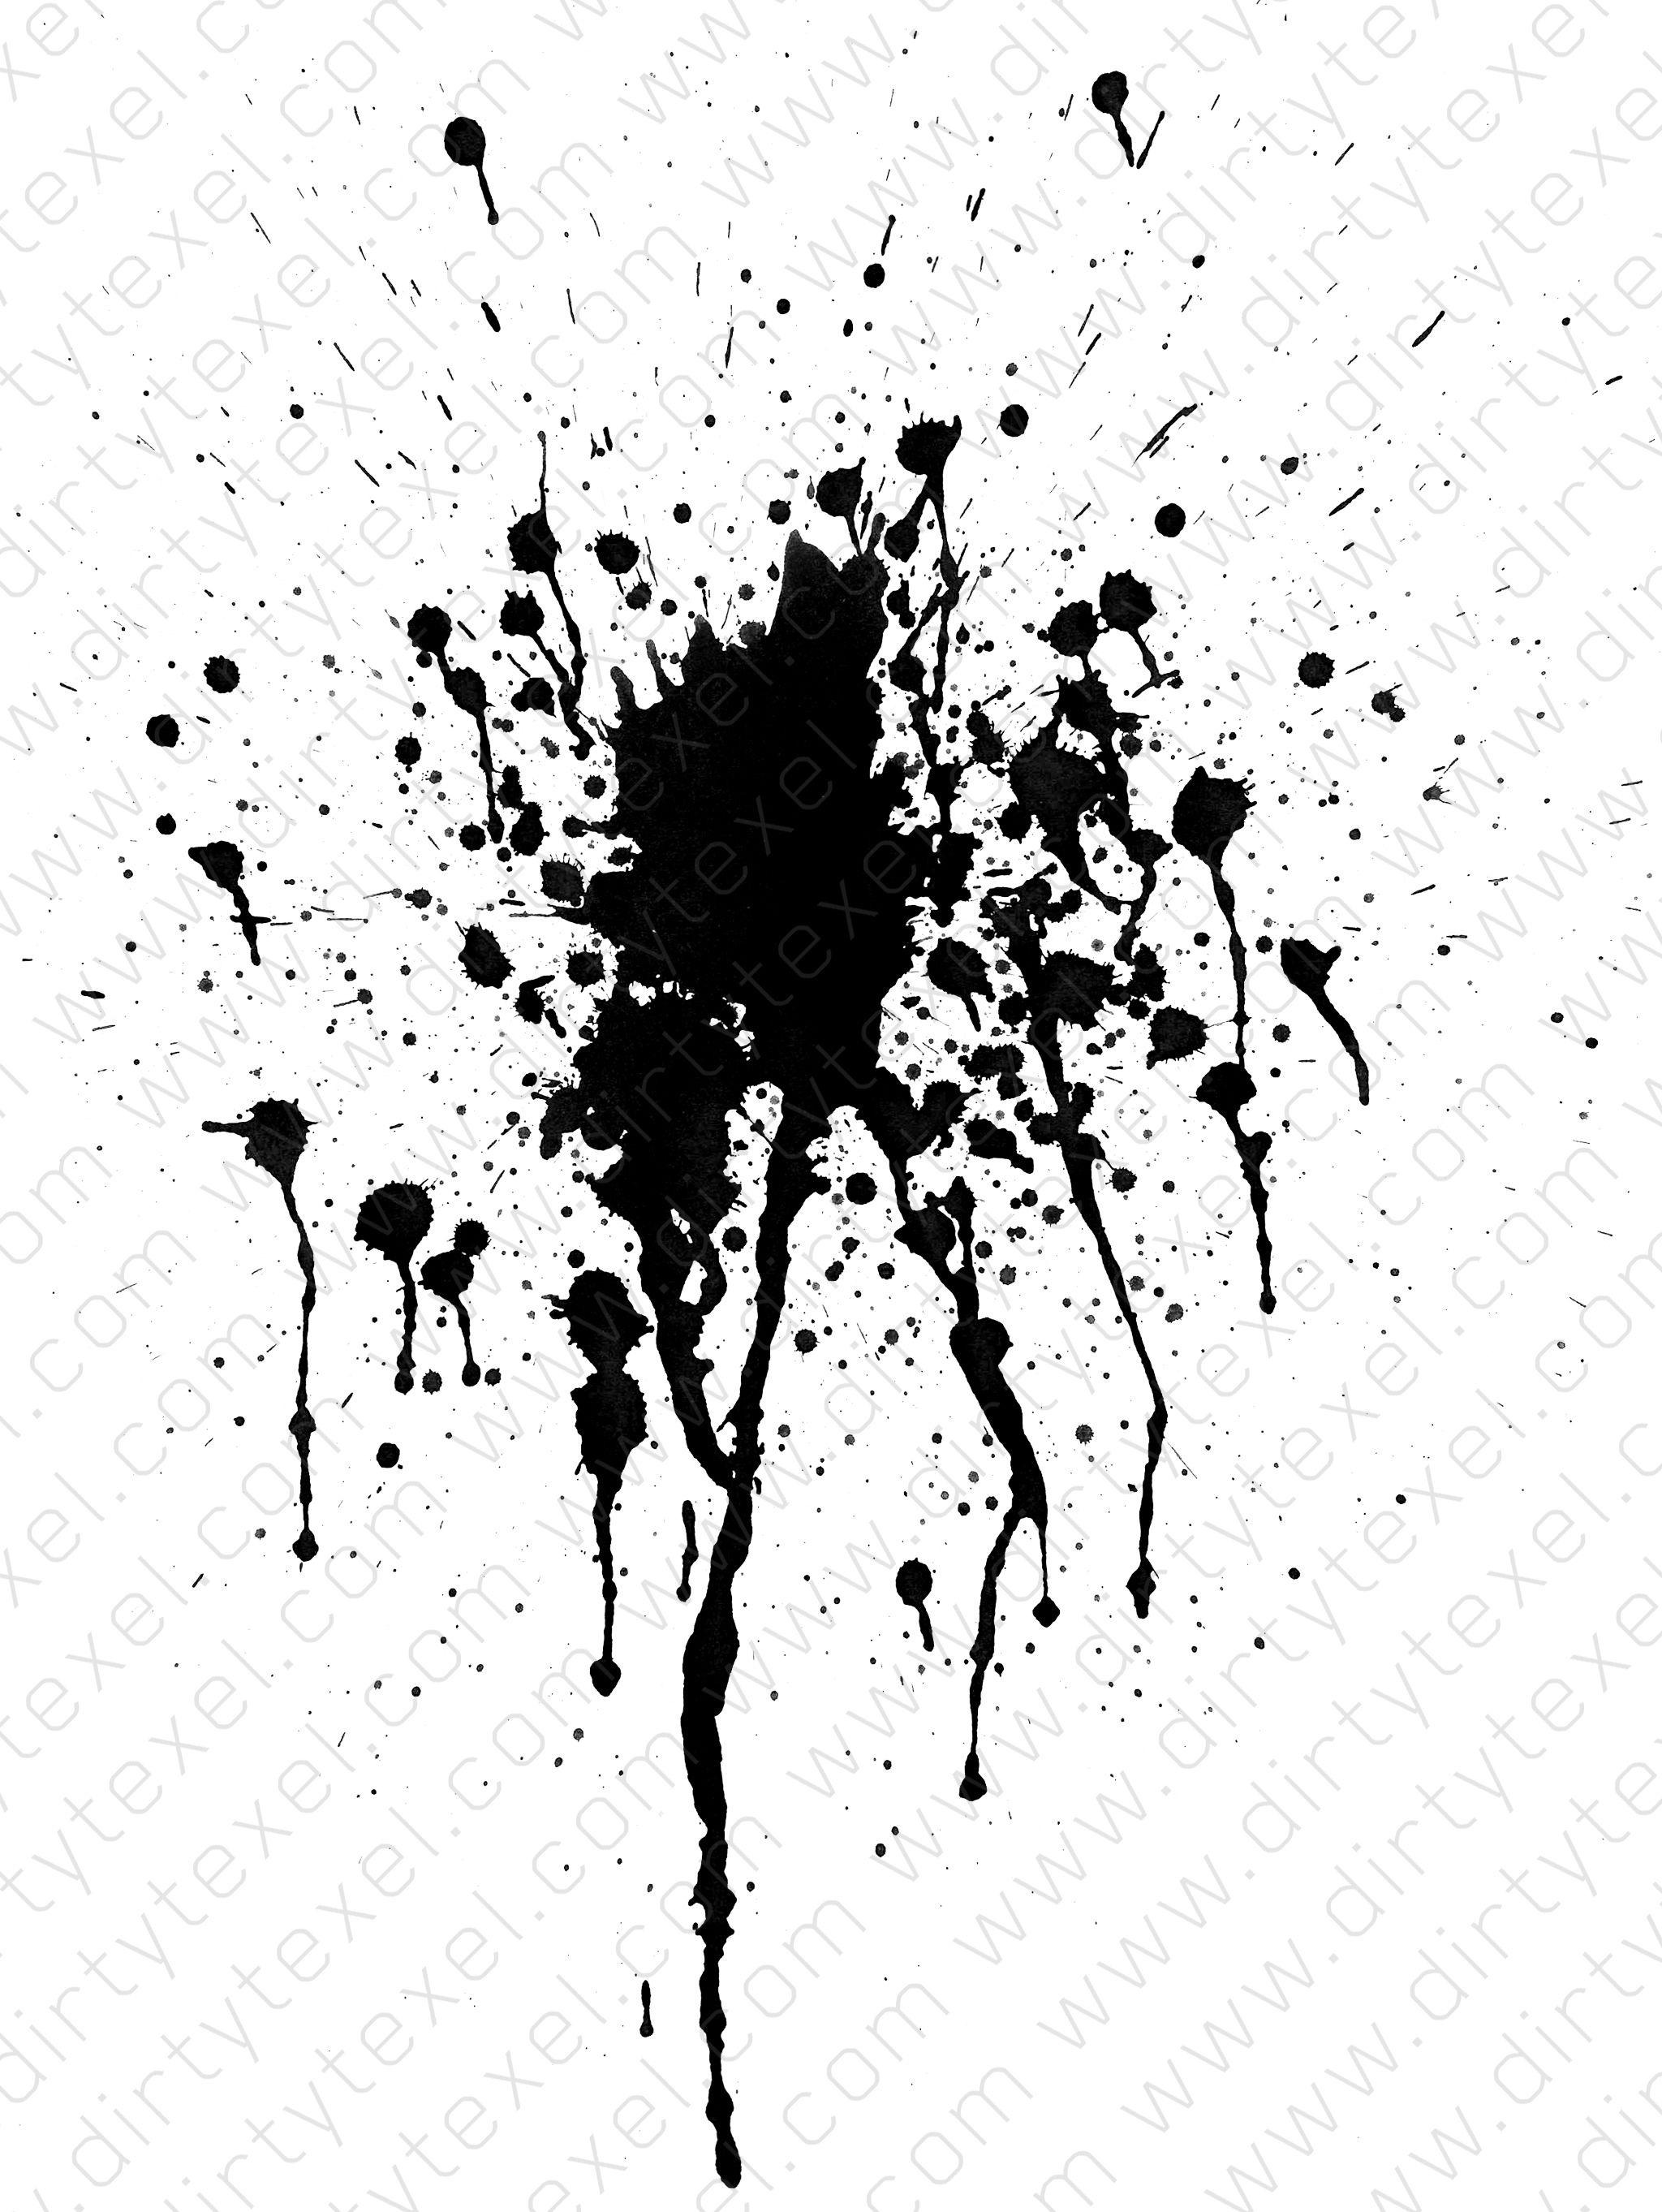 Free Photo Paint Splatter Texture